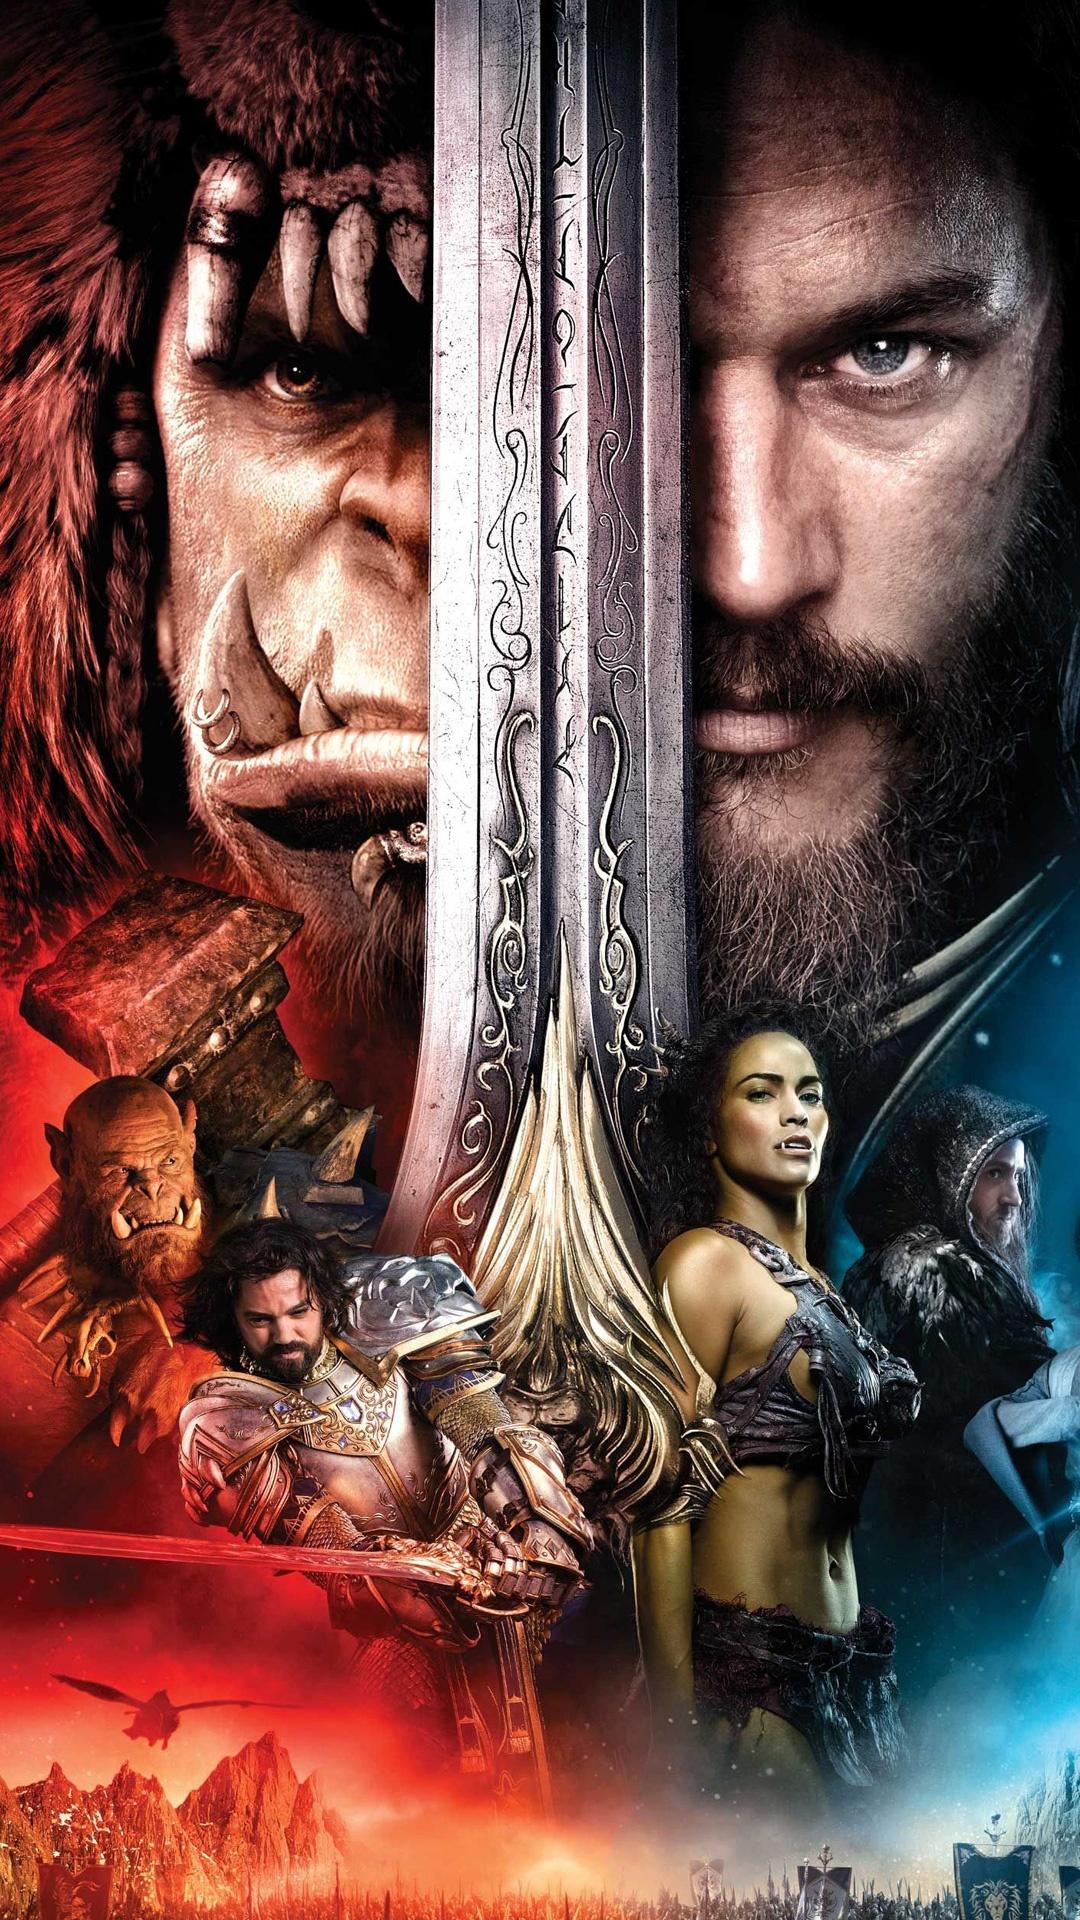 22+ Warcraft Movie Download Gif